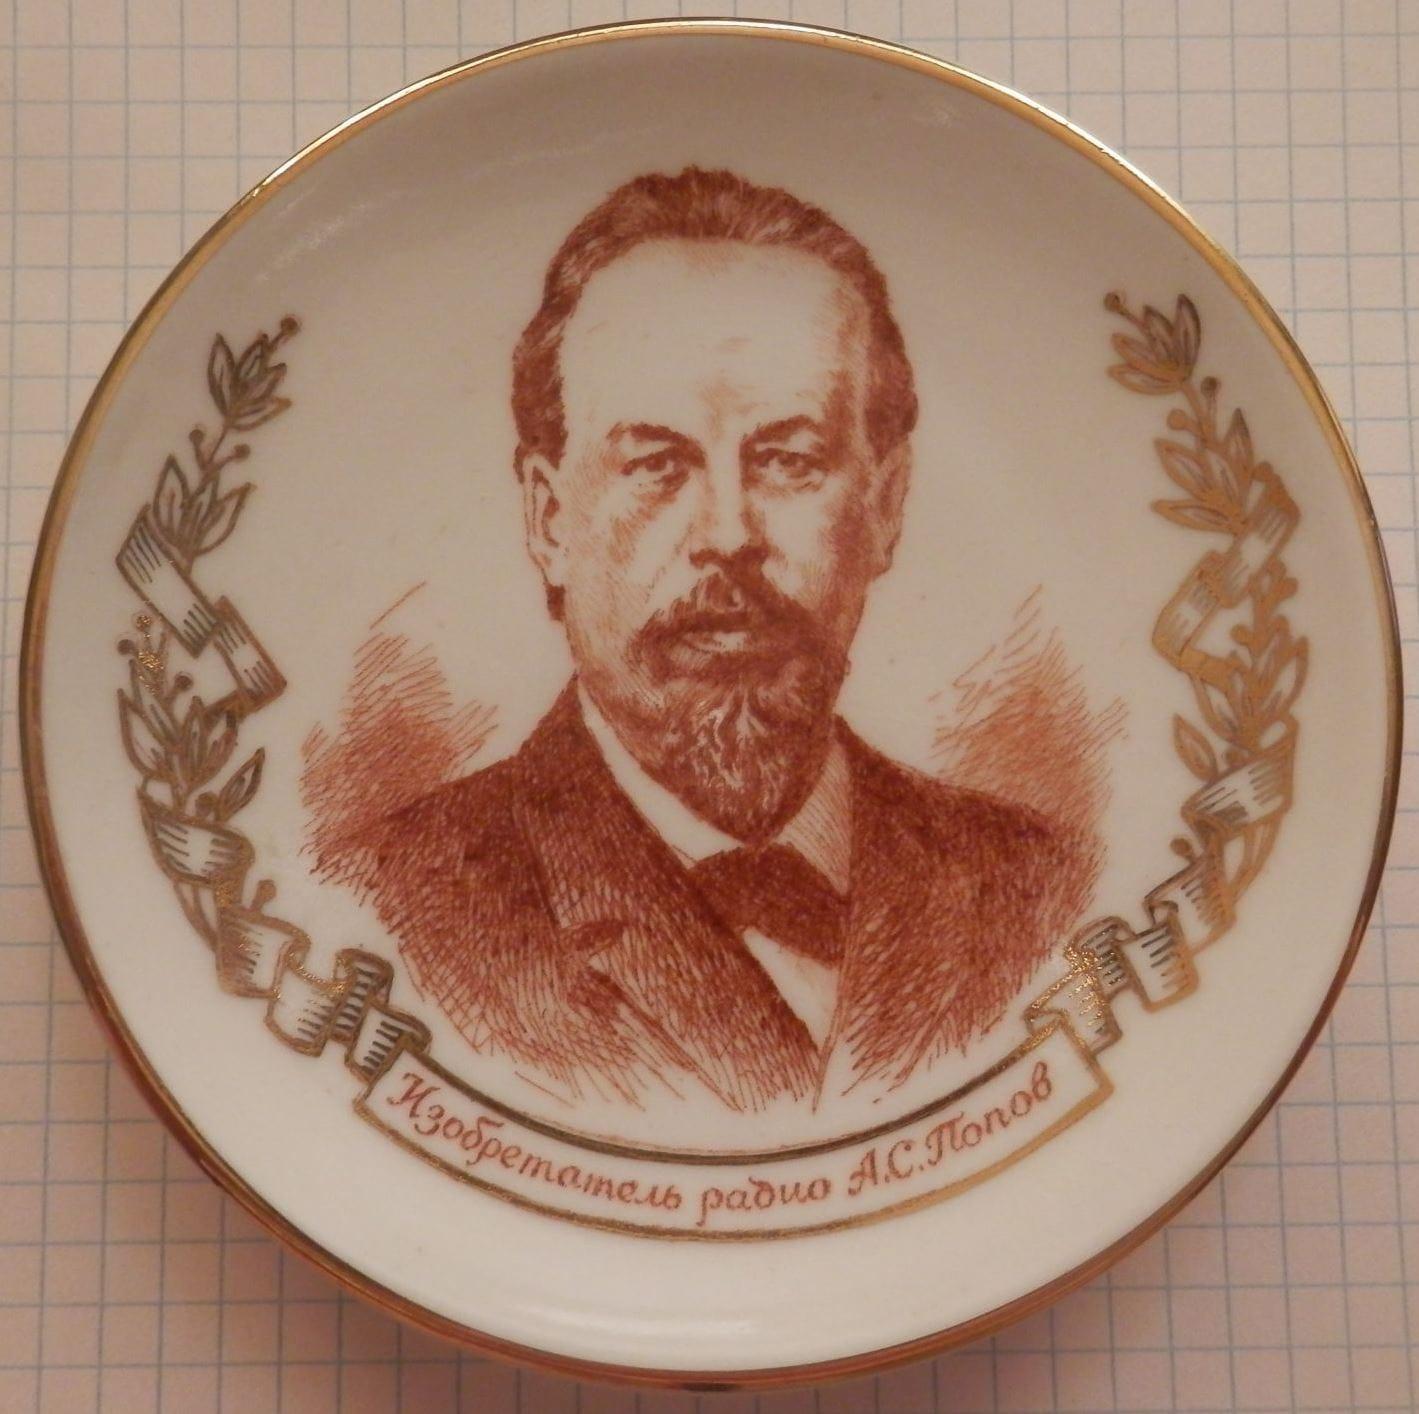 Сувенирная настенная тарелка, выпущенная Ленинградским фарфоровым заводом в 1959 г. к 100-летию со дня рождения А.С. Попова.